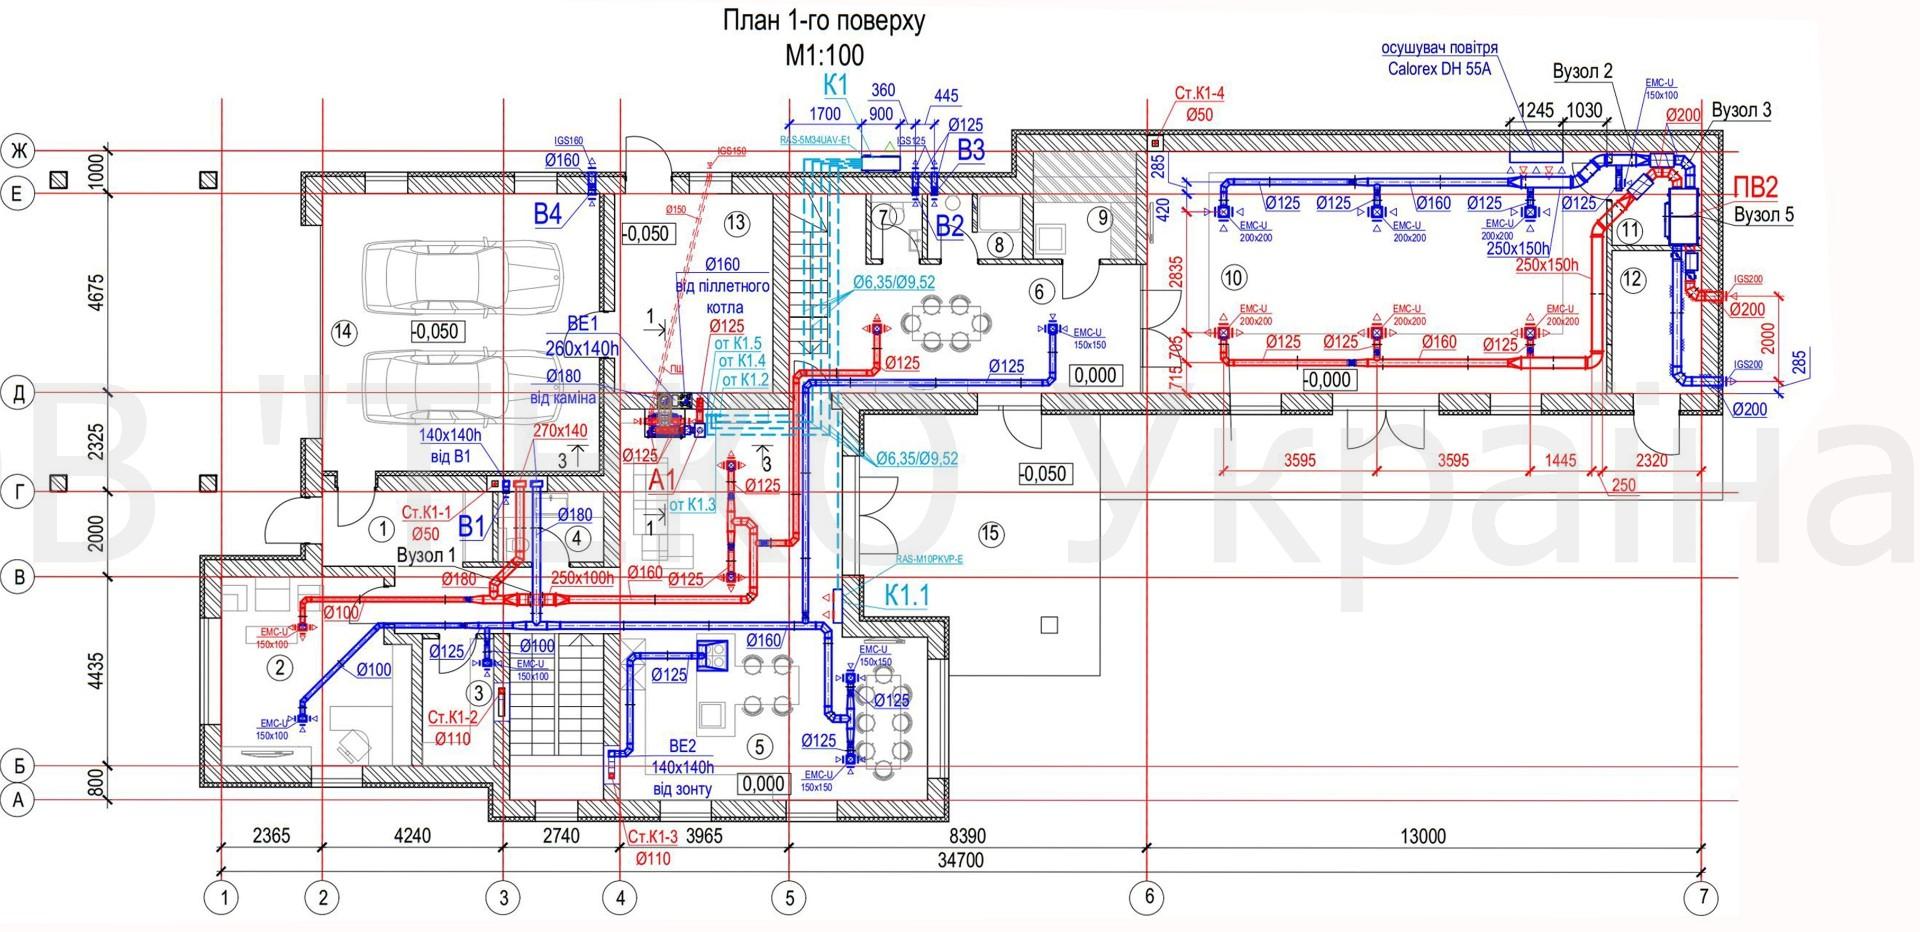 Проектирование многоквартирных домов в 2020 году